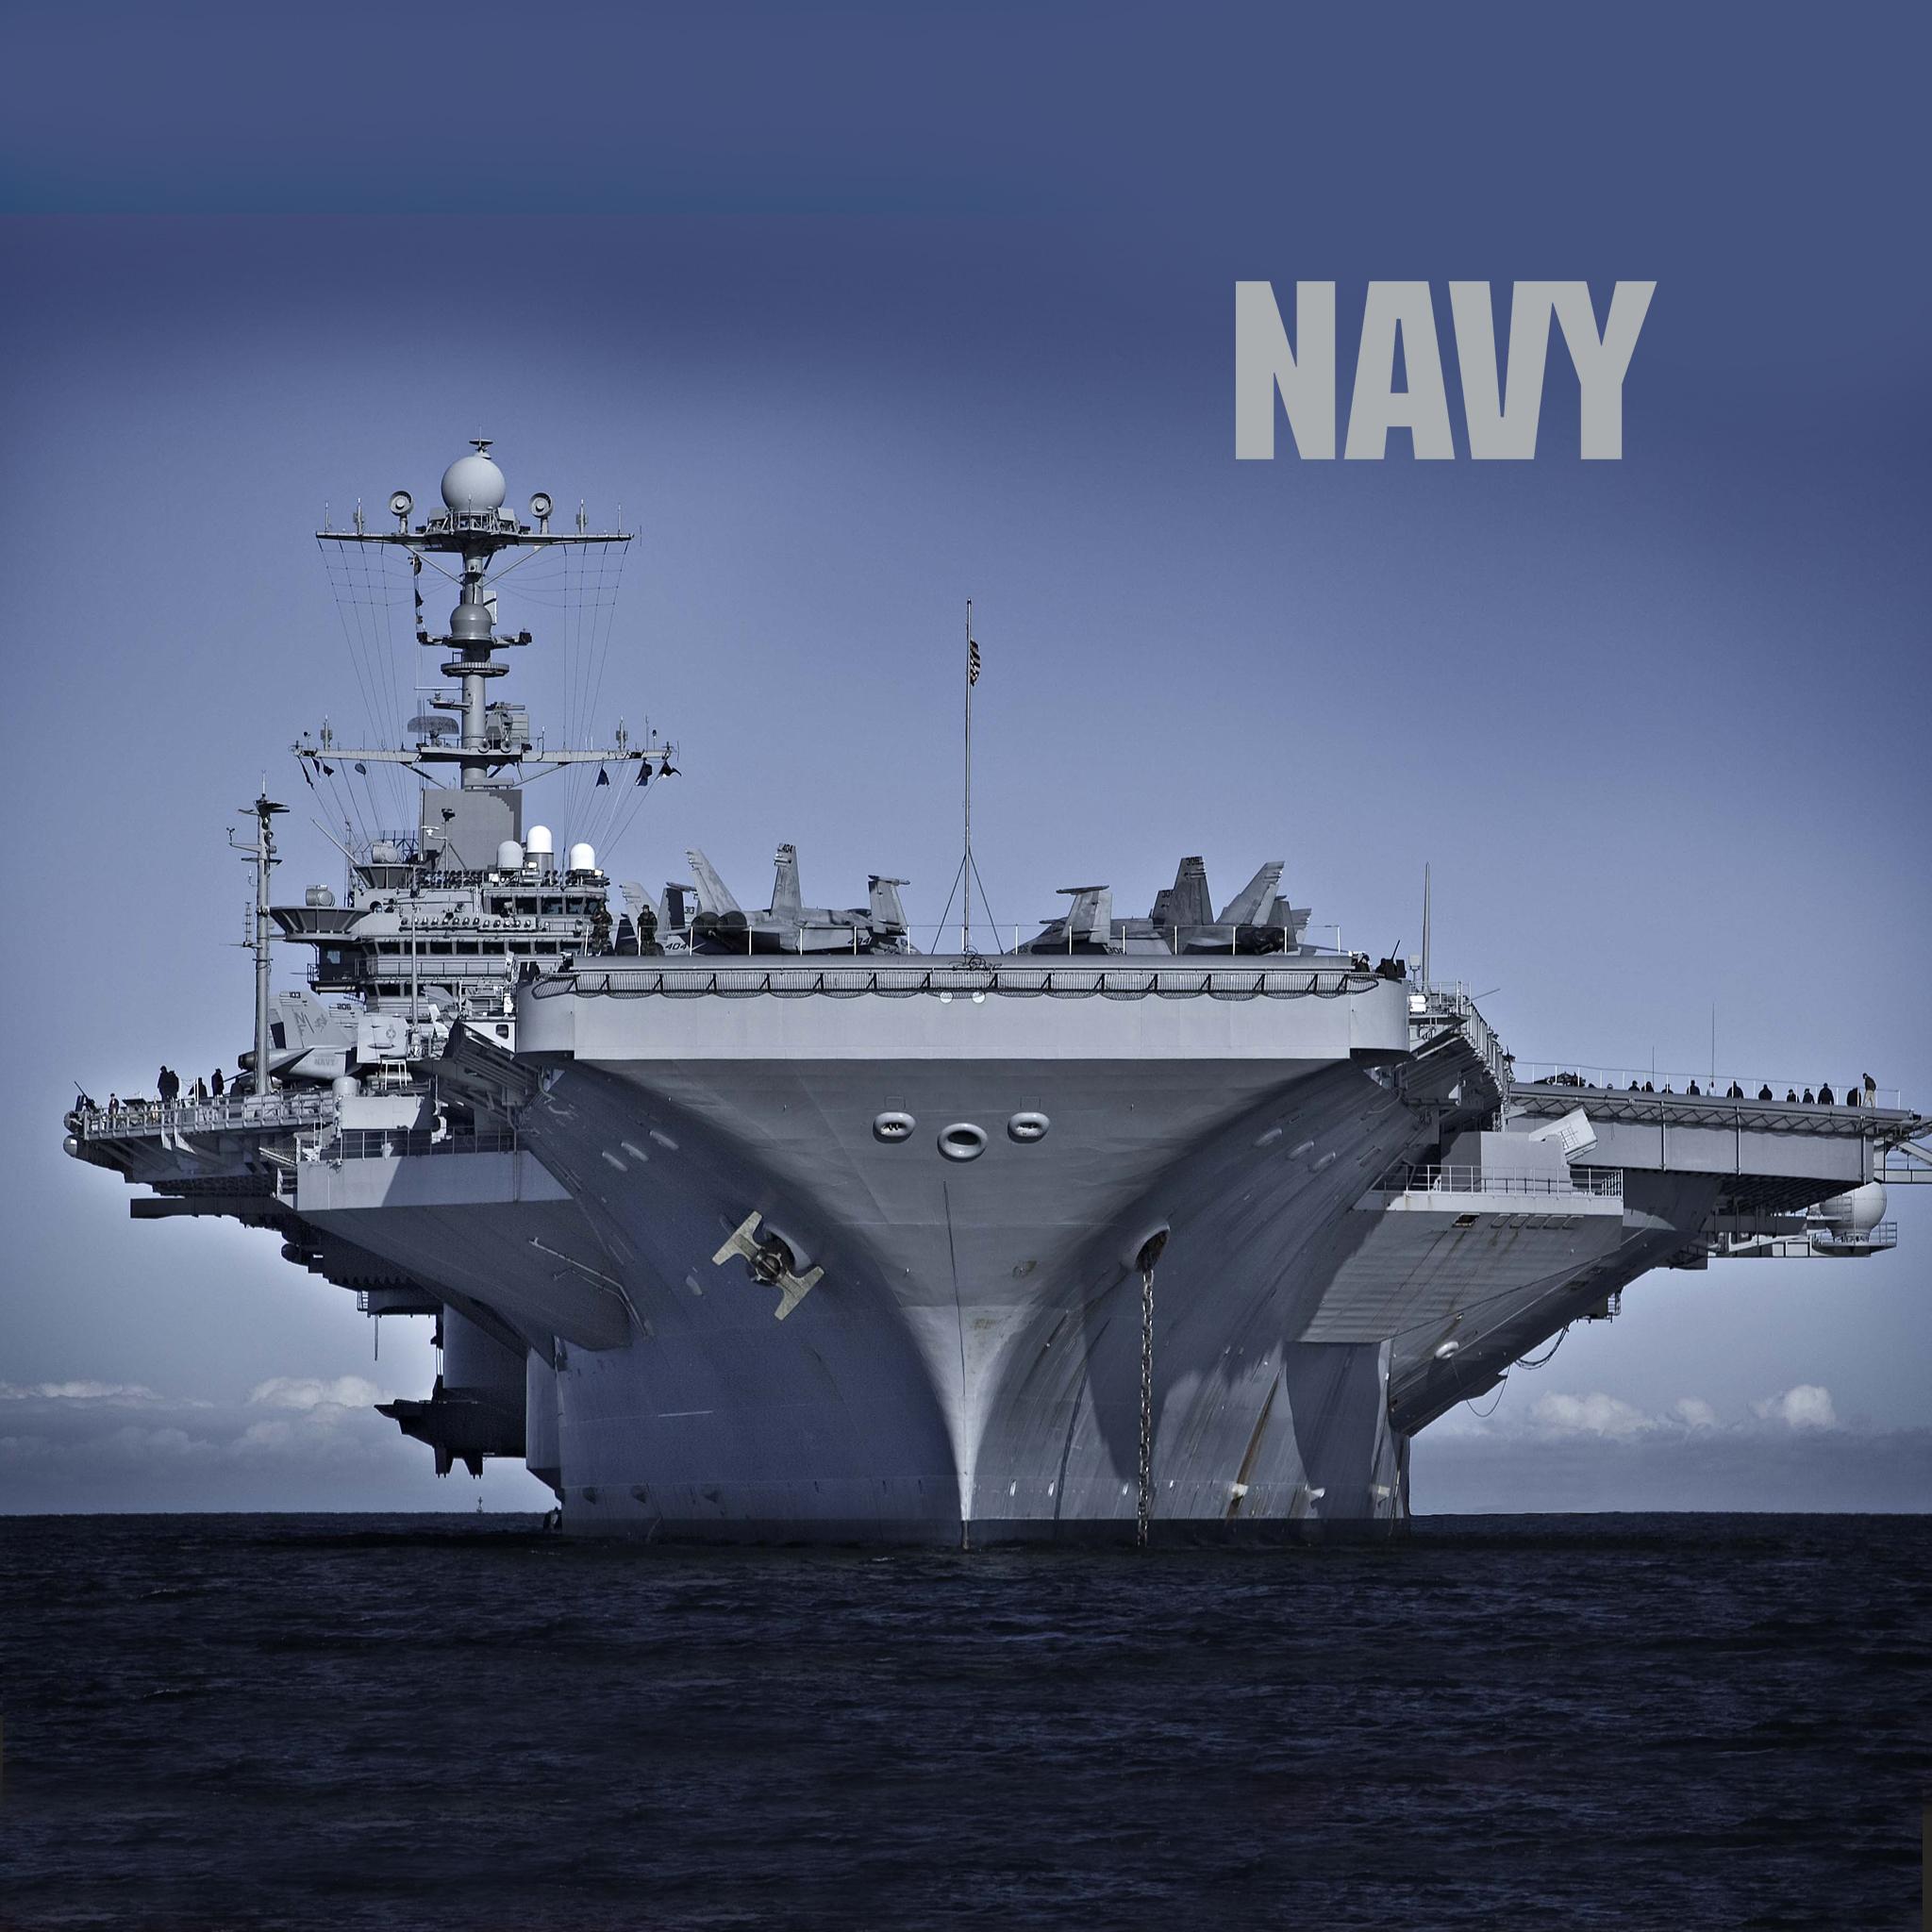 cool us navy wallpaper wallpapersafari